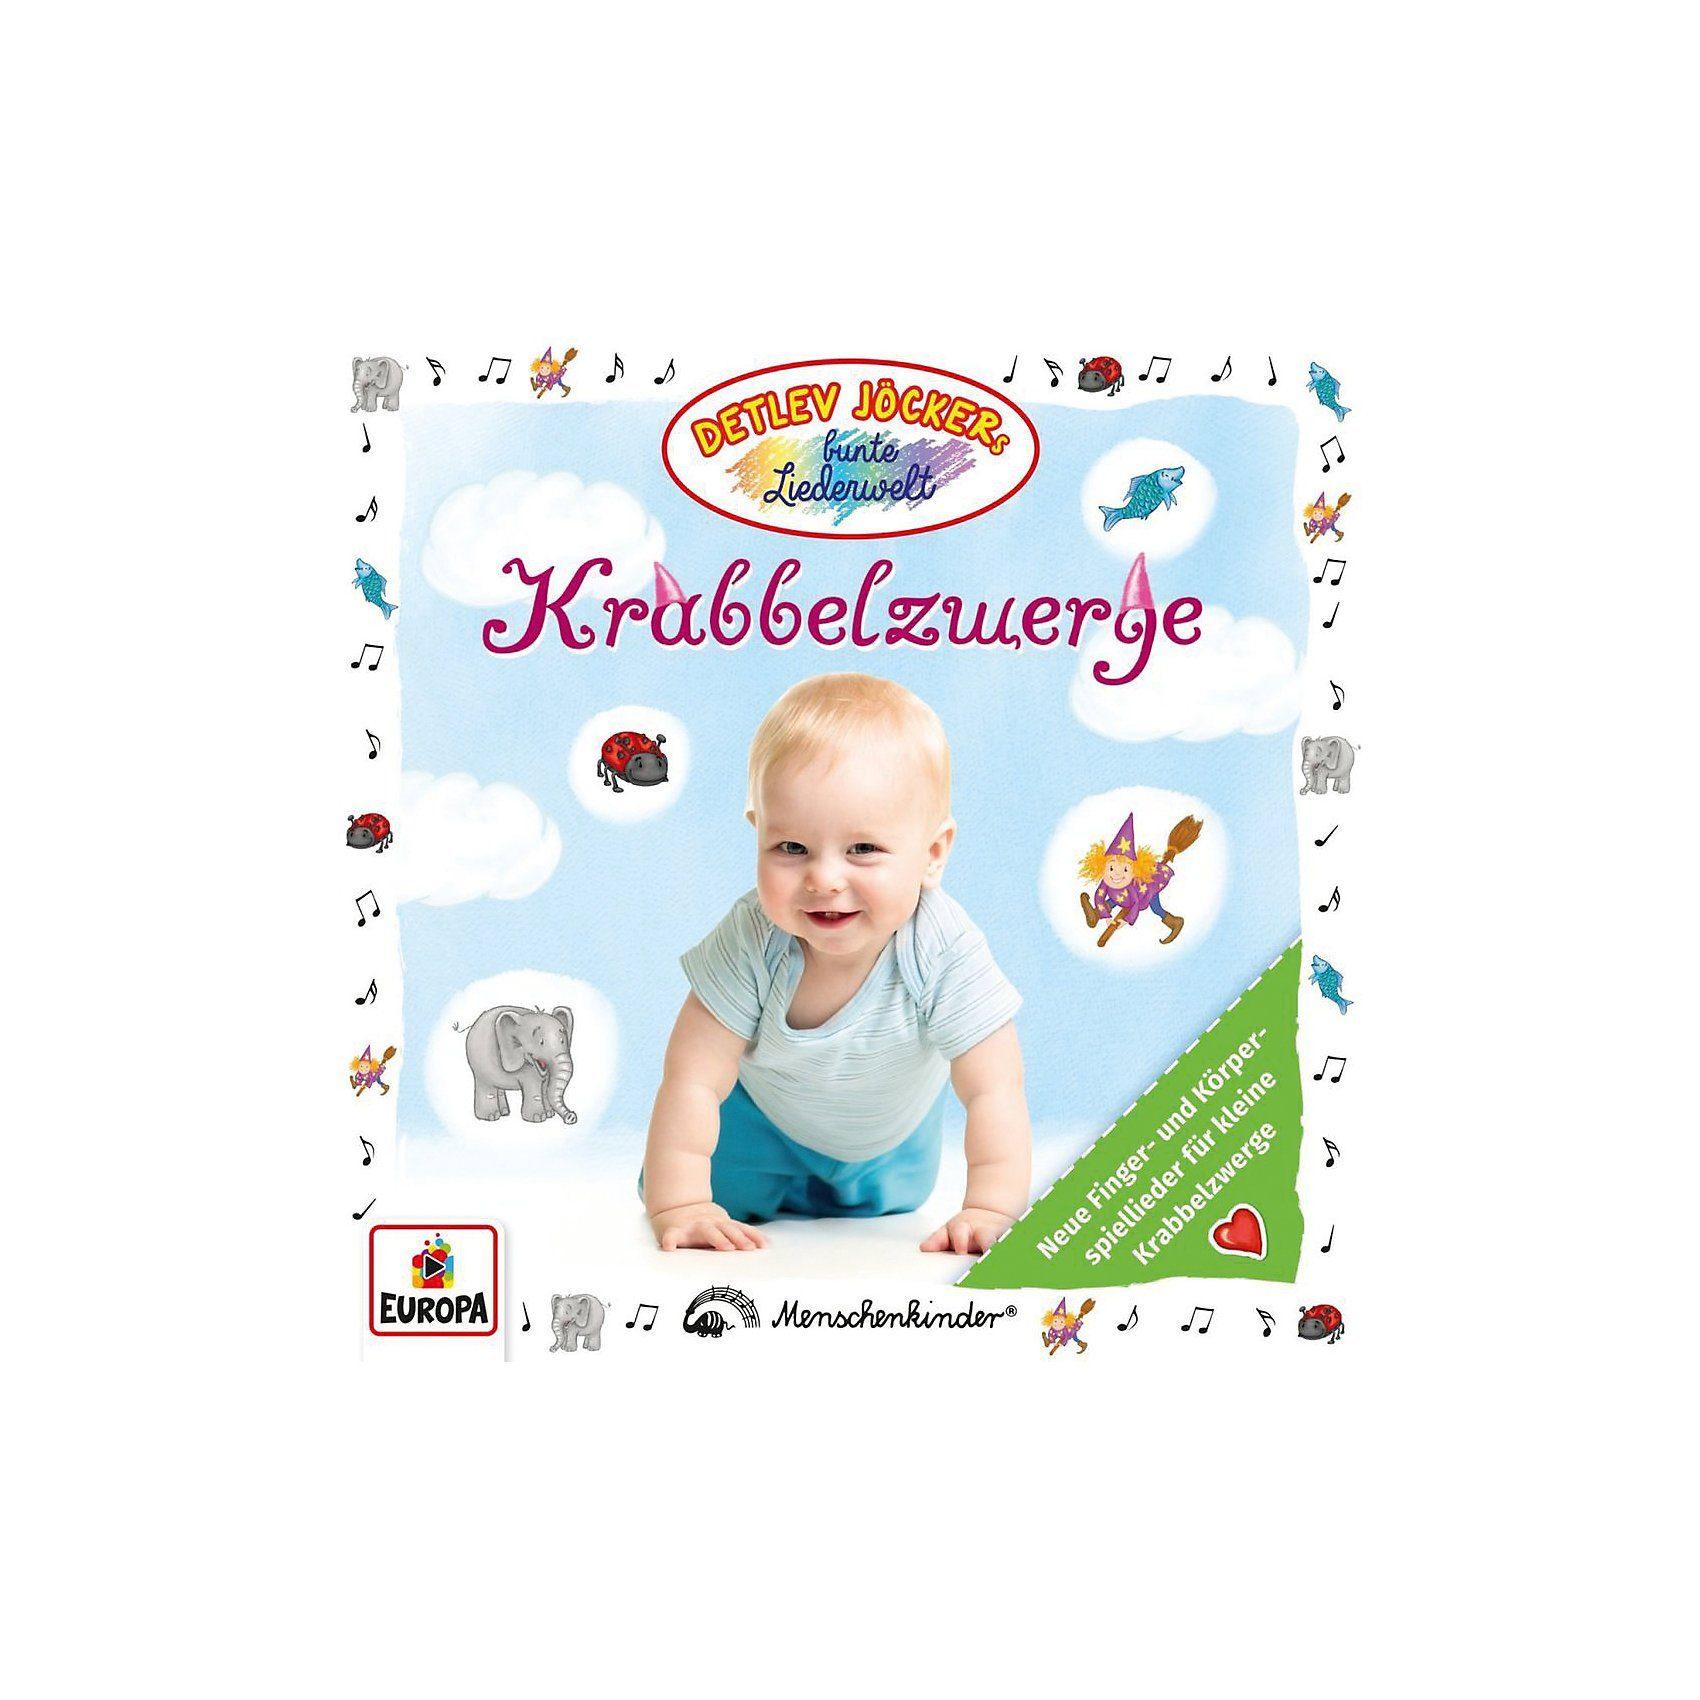 Sony CD Detlef Jöcker - Krabbelzwerge